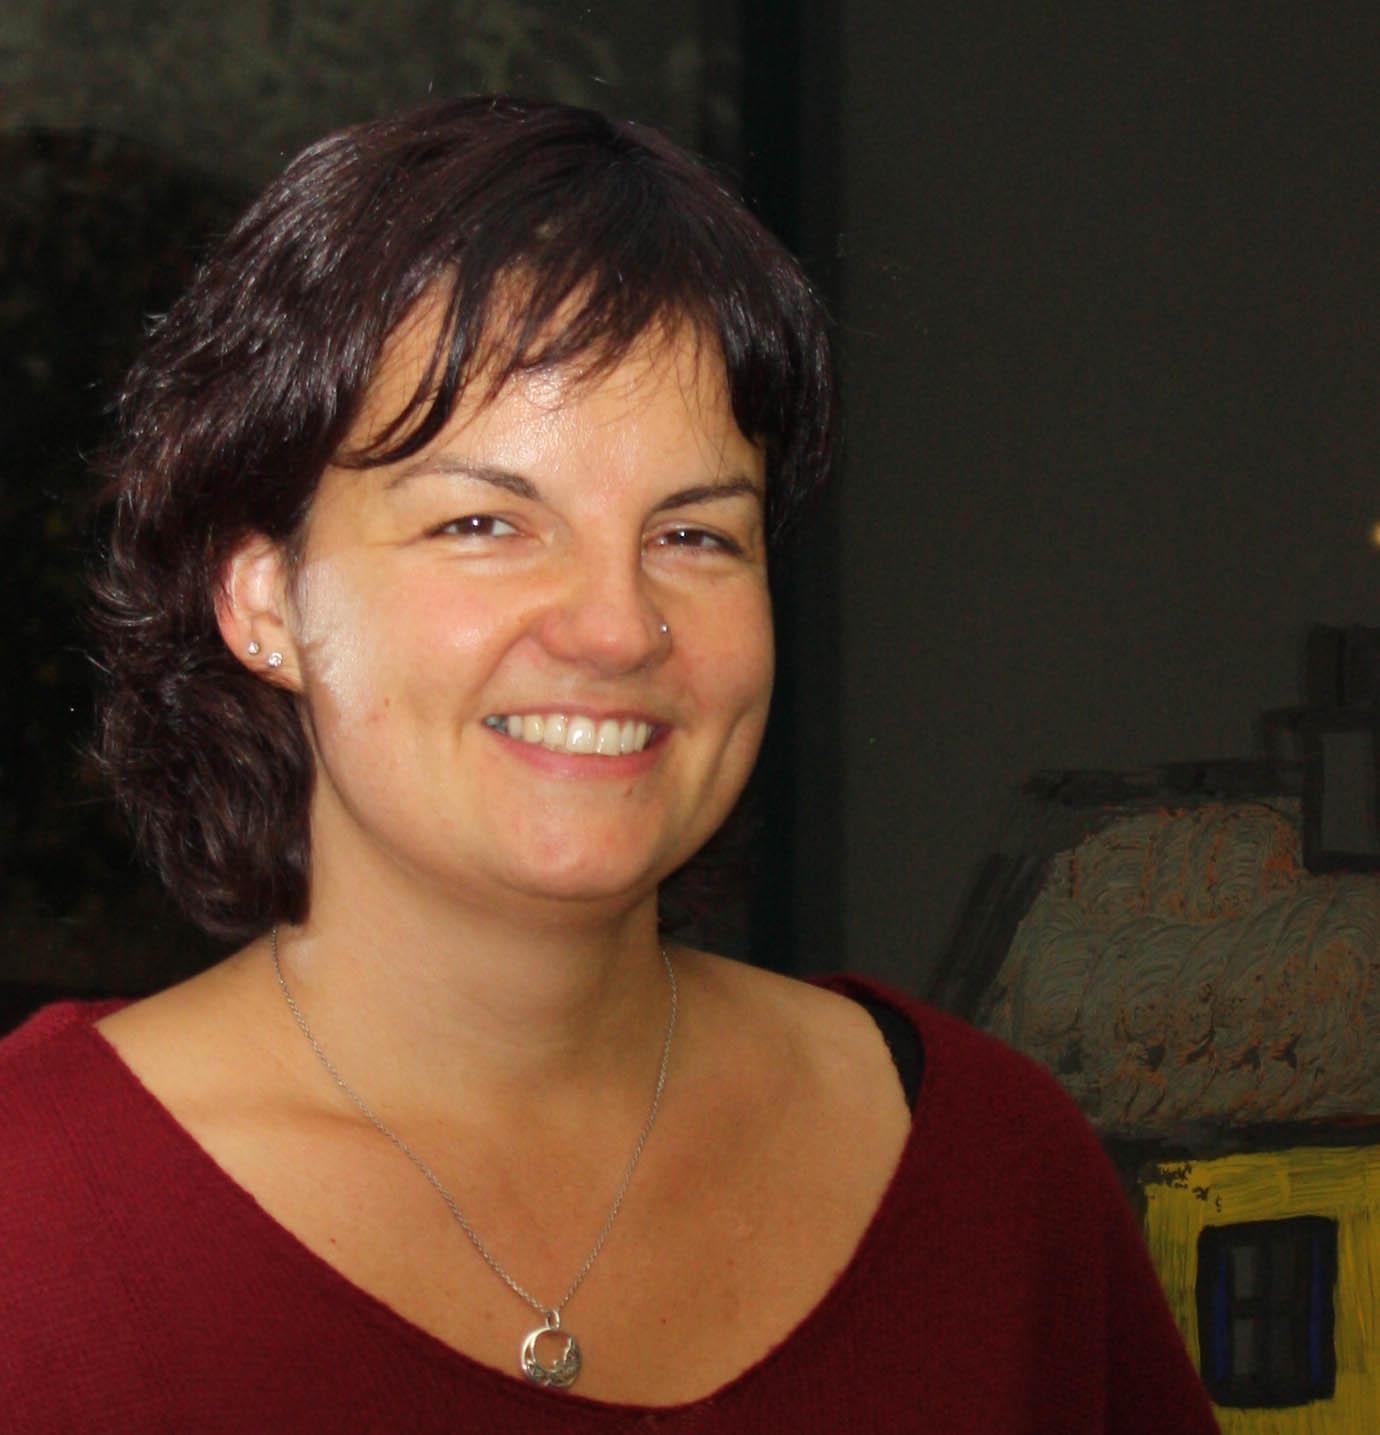 Christine Messerli - Christine